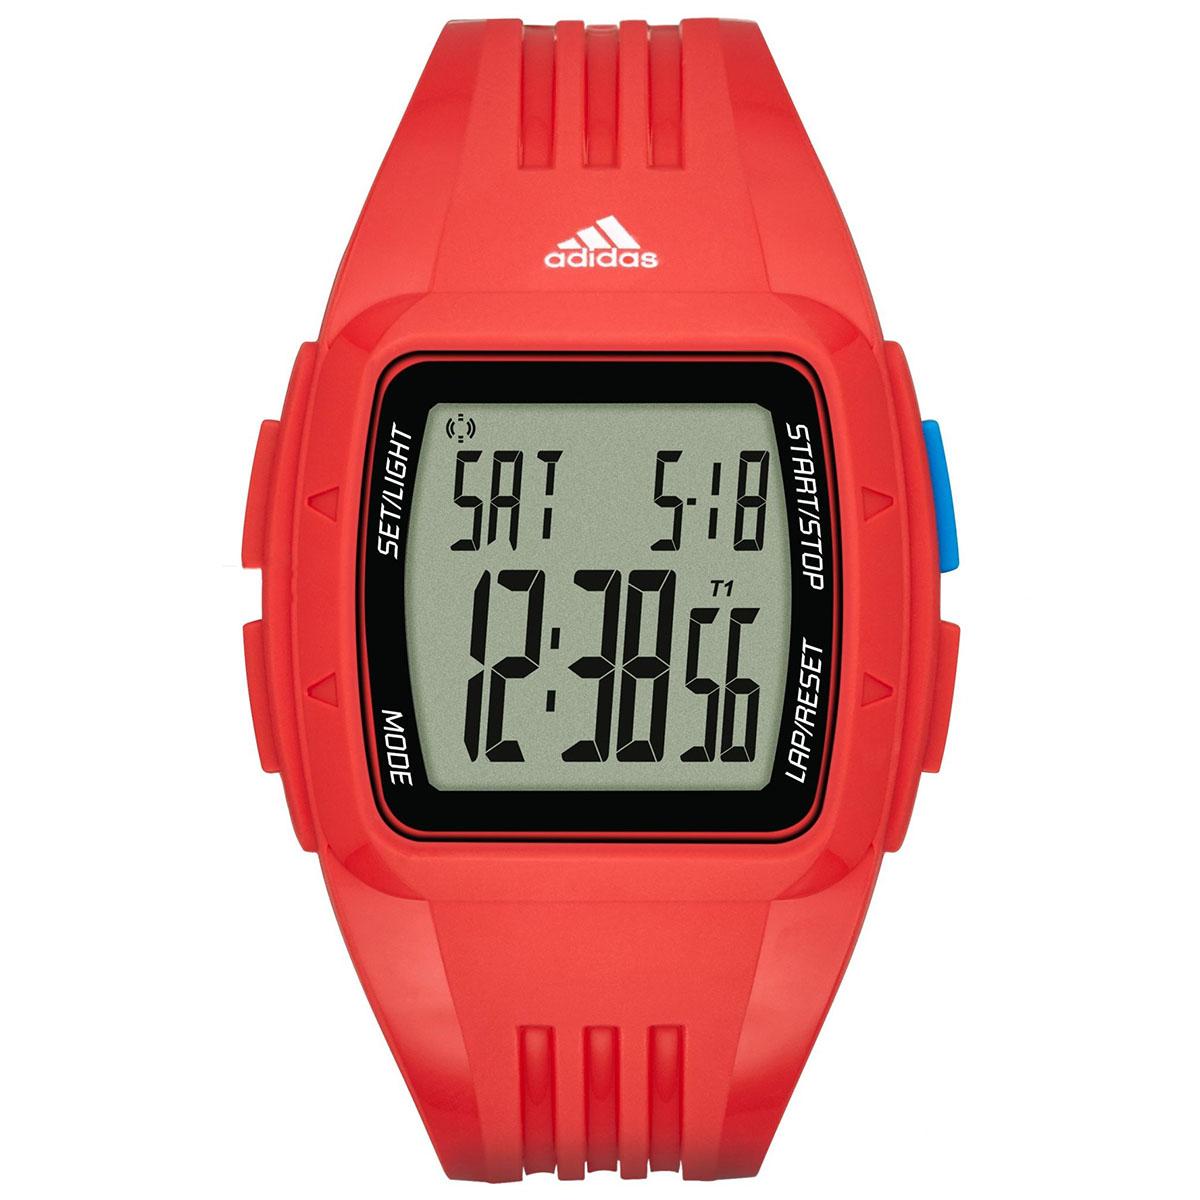 นาฬิกาผู้ชาย Adidas รุ่น ADP3238